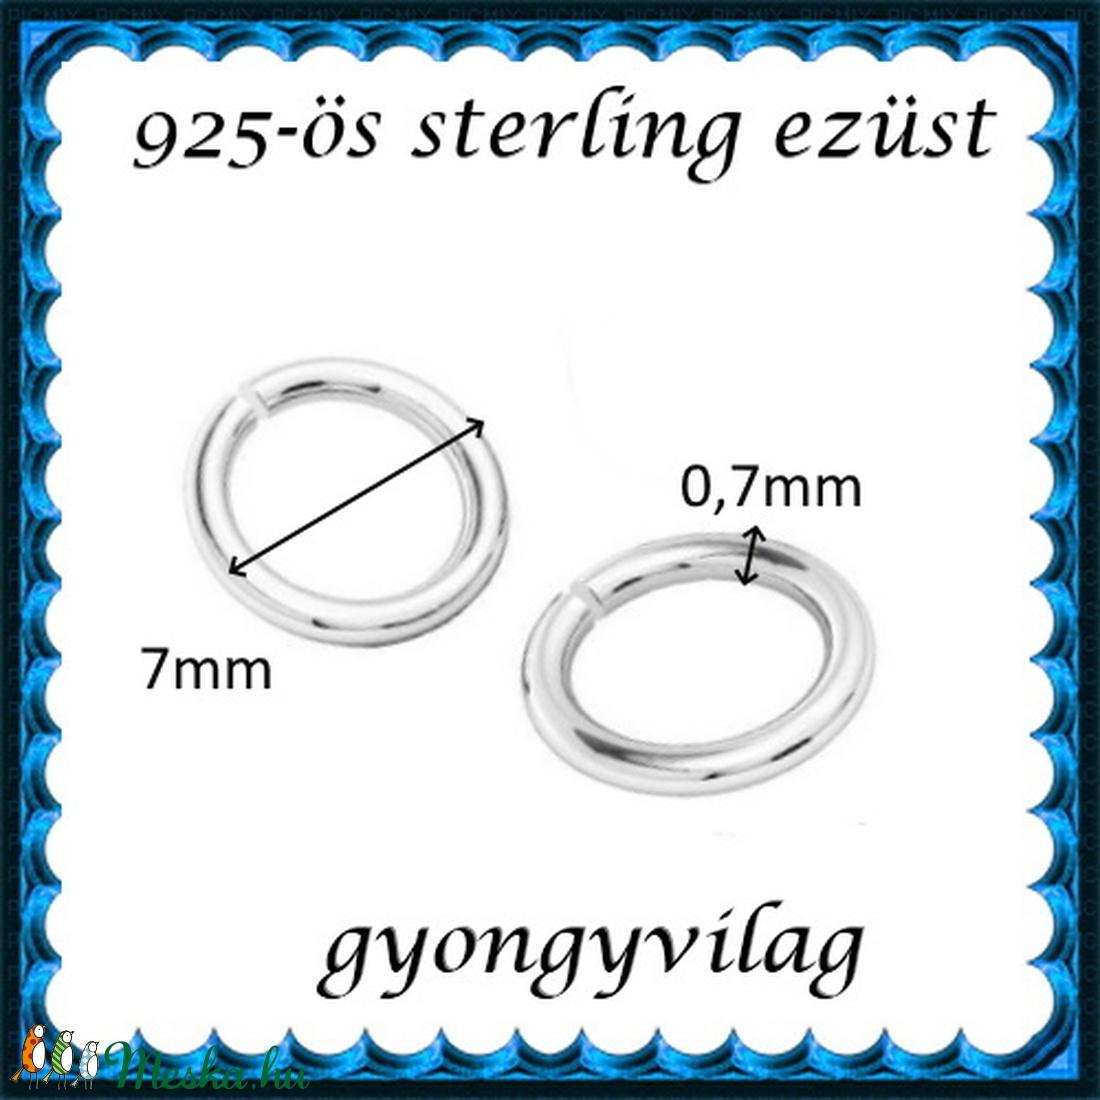 925-ös ezüst szerelőkarika nyitott ESZK NY 7 x 0,7 mm-es  2db/csomag - gyöngy, ékszerkellék - egyéb alkatrész - Meska.hu